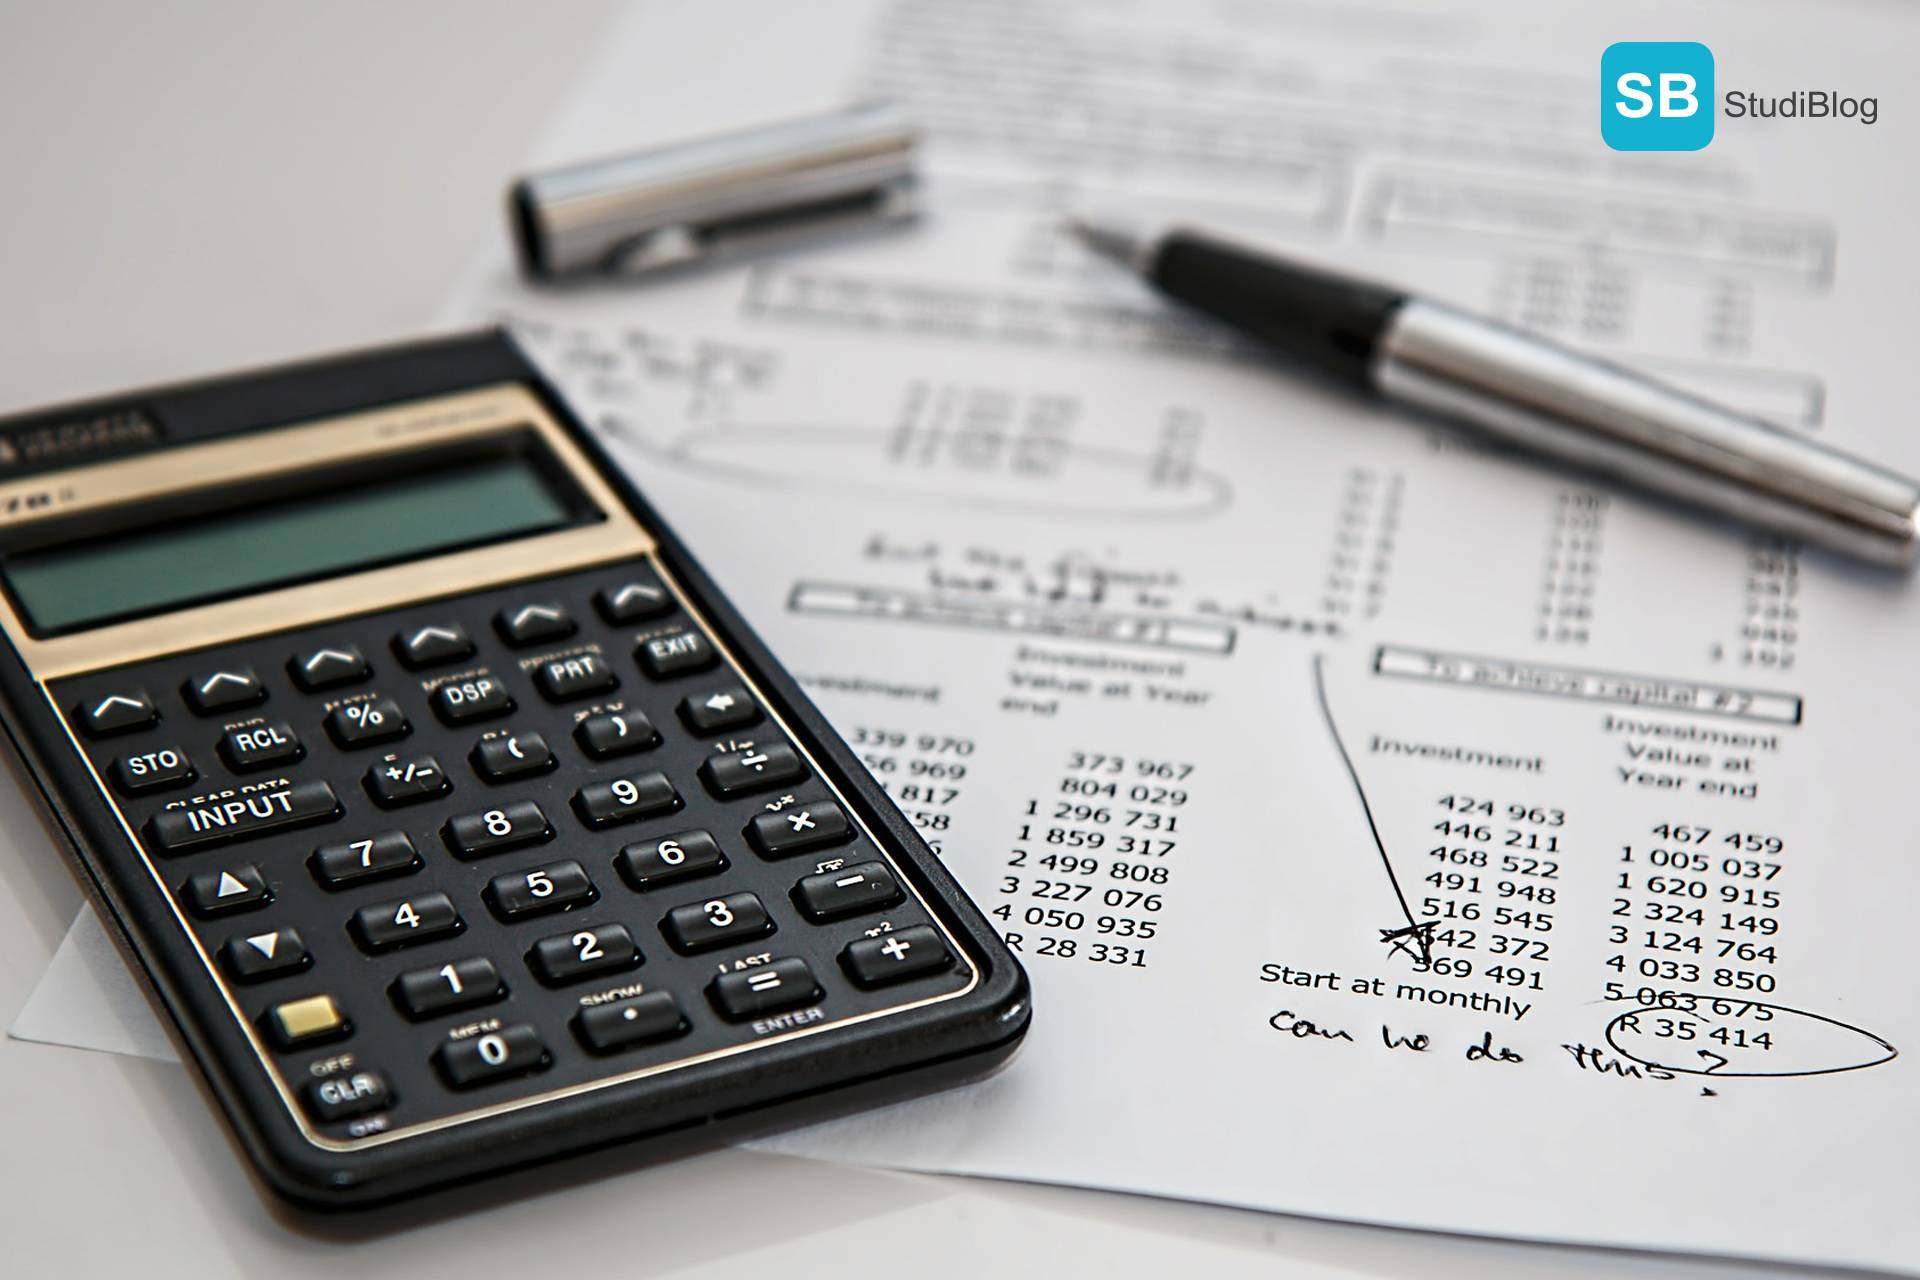 Beitragsbild im Text für den Beitrag zur Weiterbildung während des Berufs - Dargestellt wird ein Taschenrechner und ein Füller